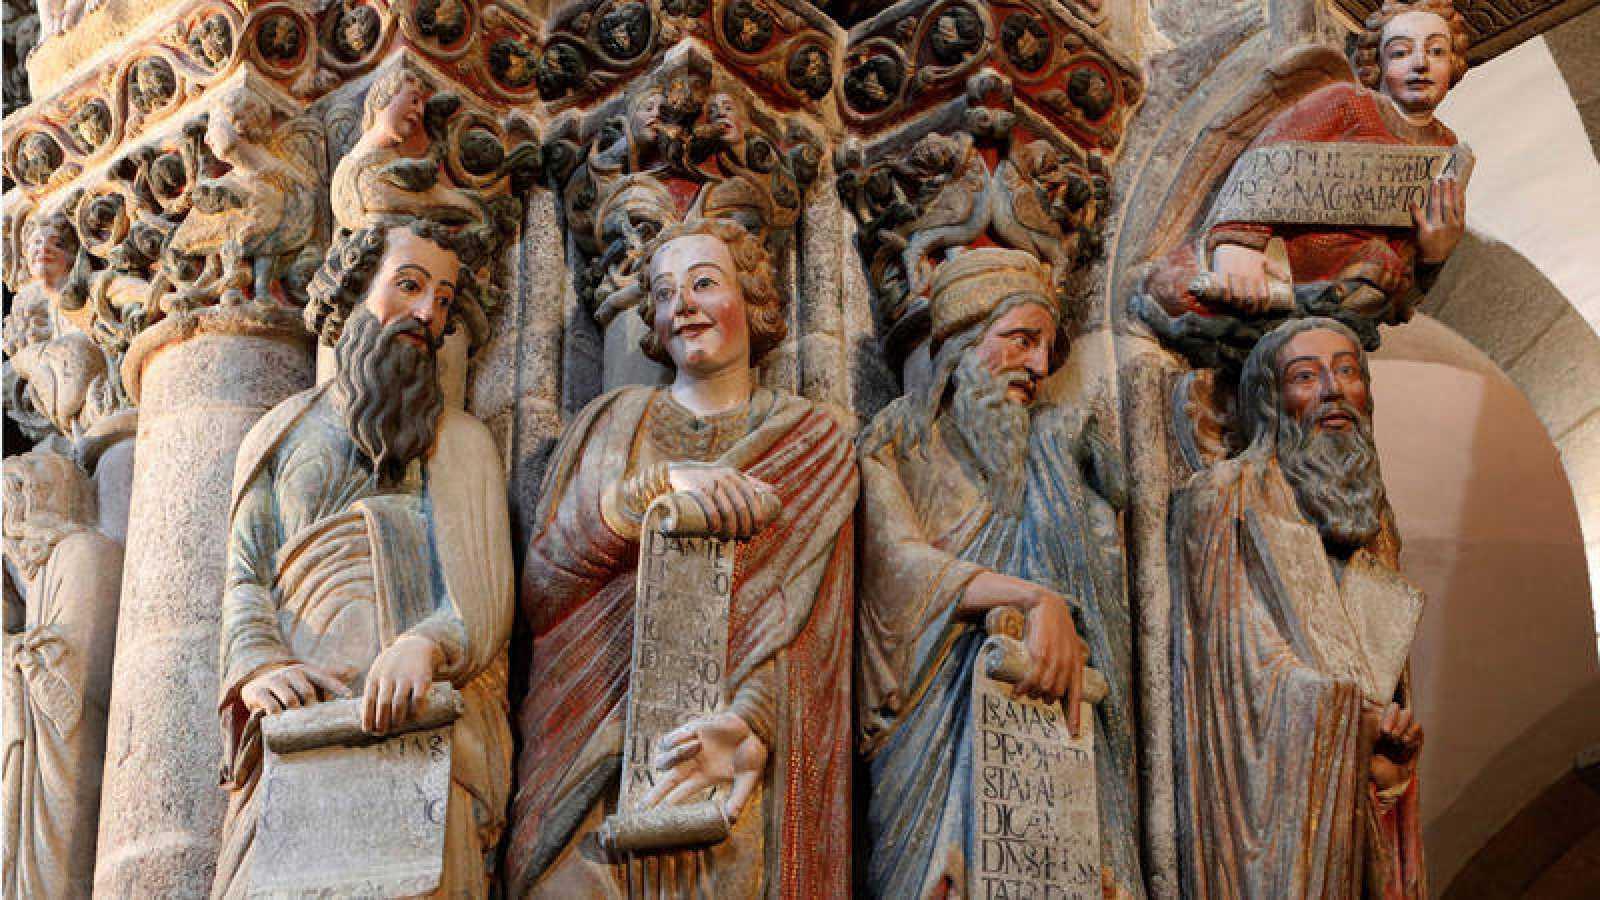 Los profetas Moisés, Isaías, Daniel y Jeremías en el arco lateral izquierdo del Pórtico de la Gloria de la Catedral de Santiago